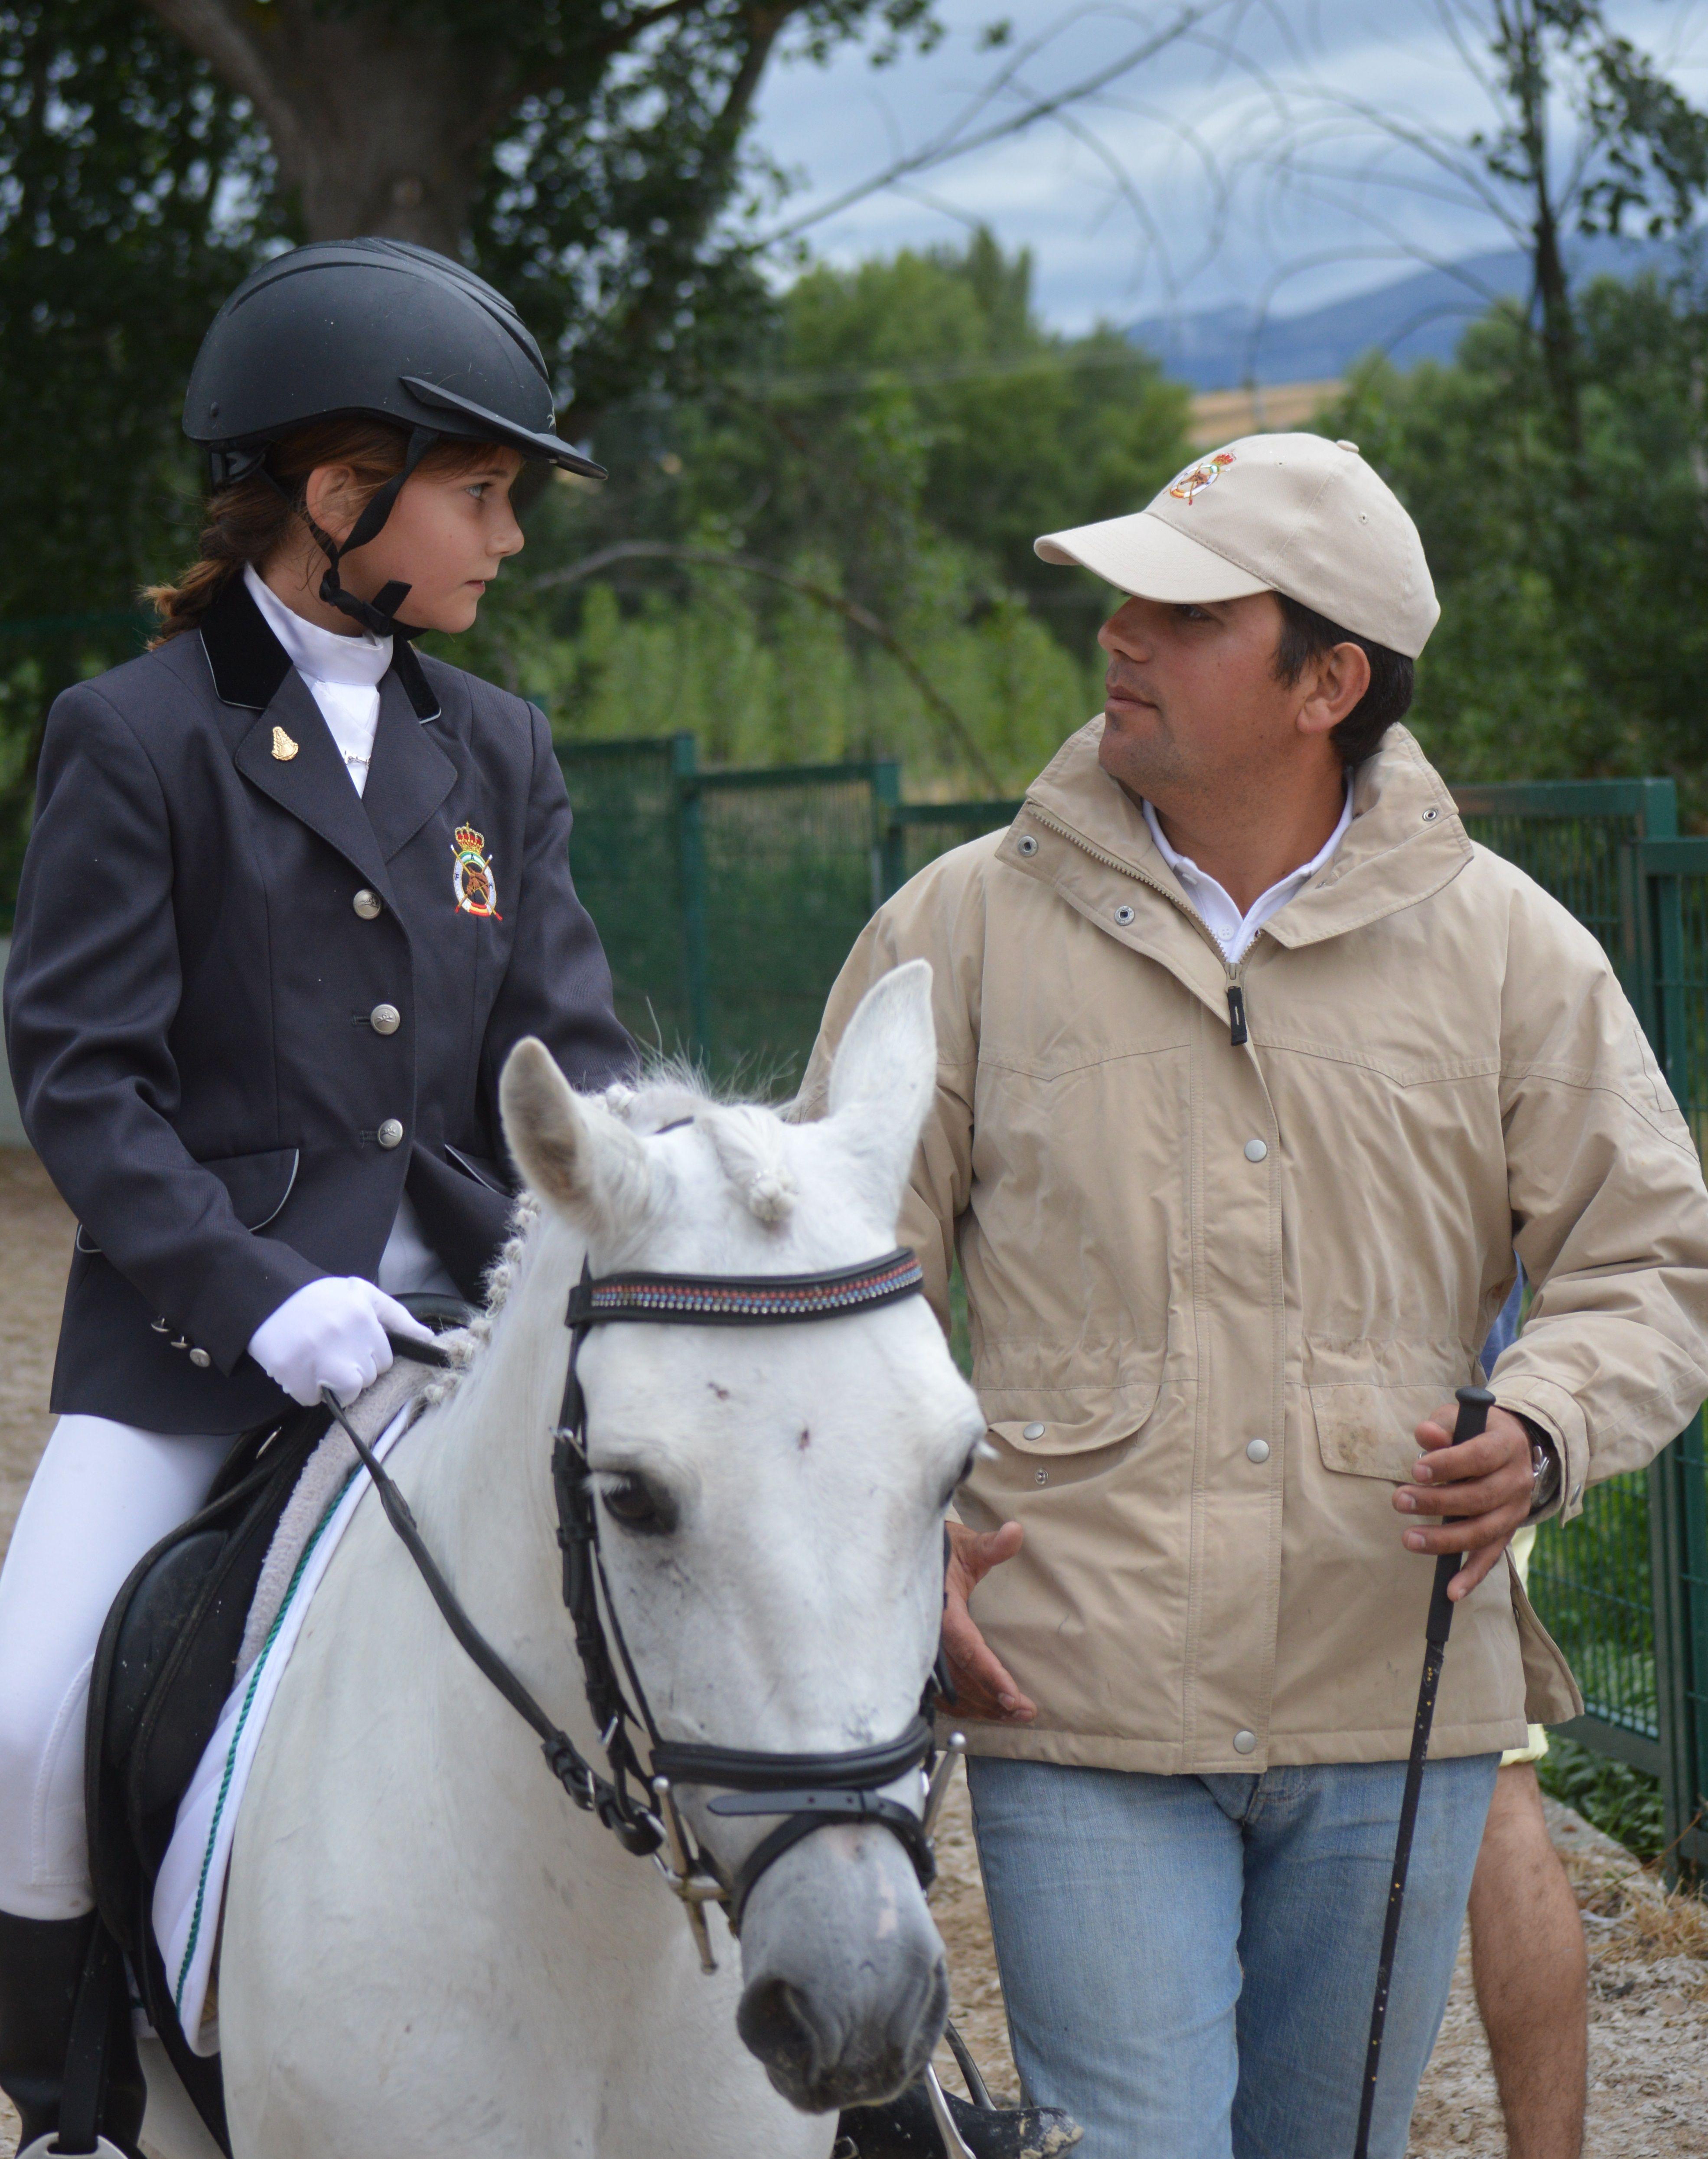 Club con profesionales para enseñar a montar a caballo en Madrid